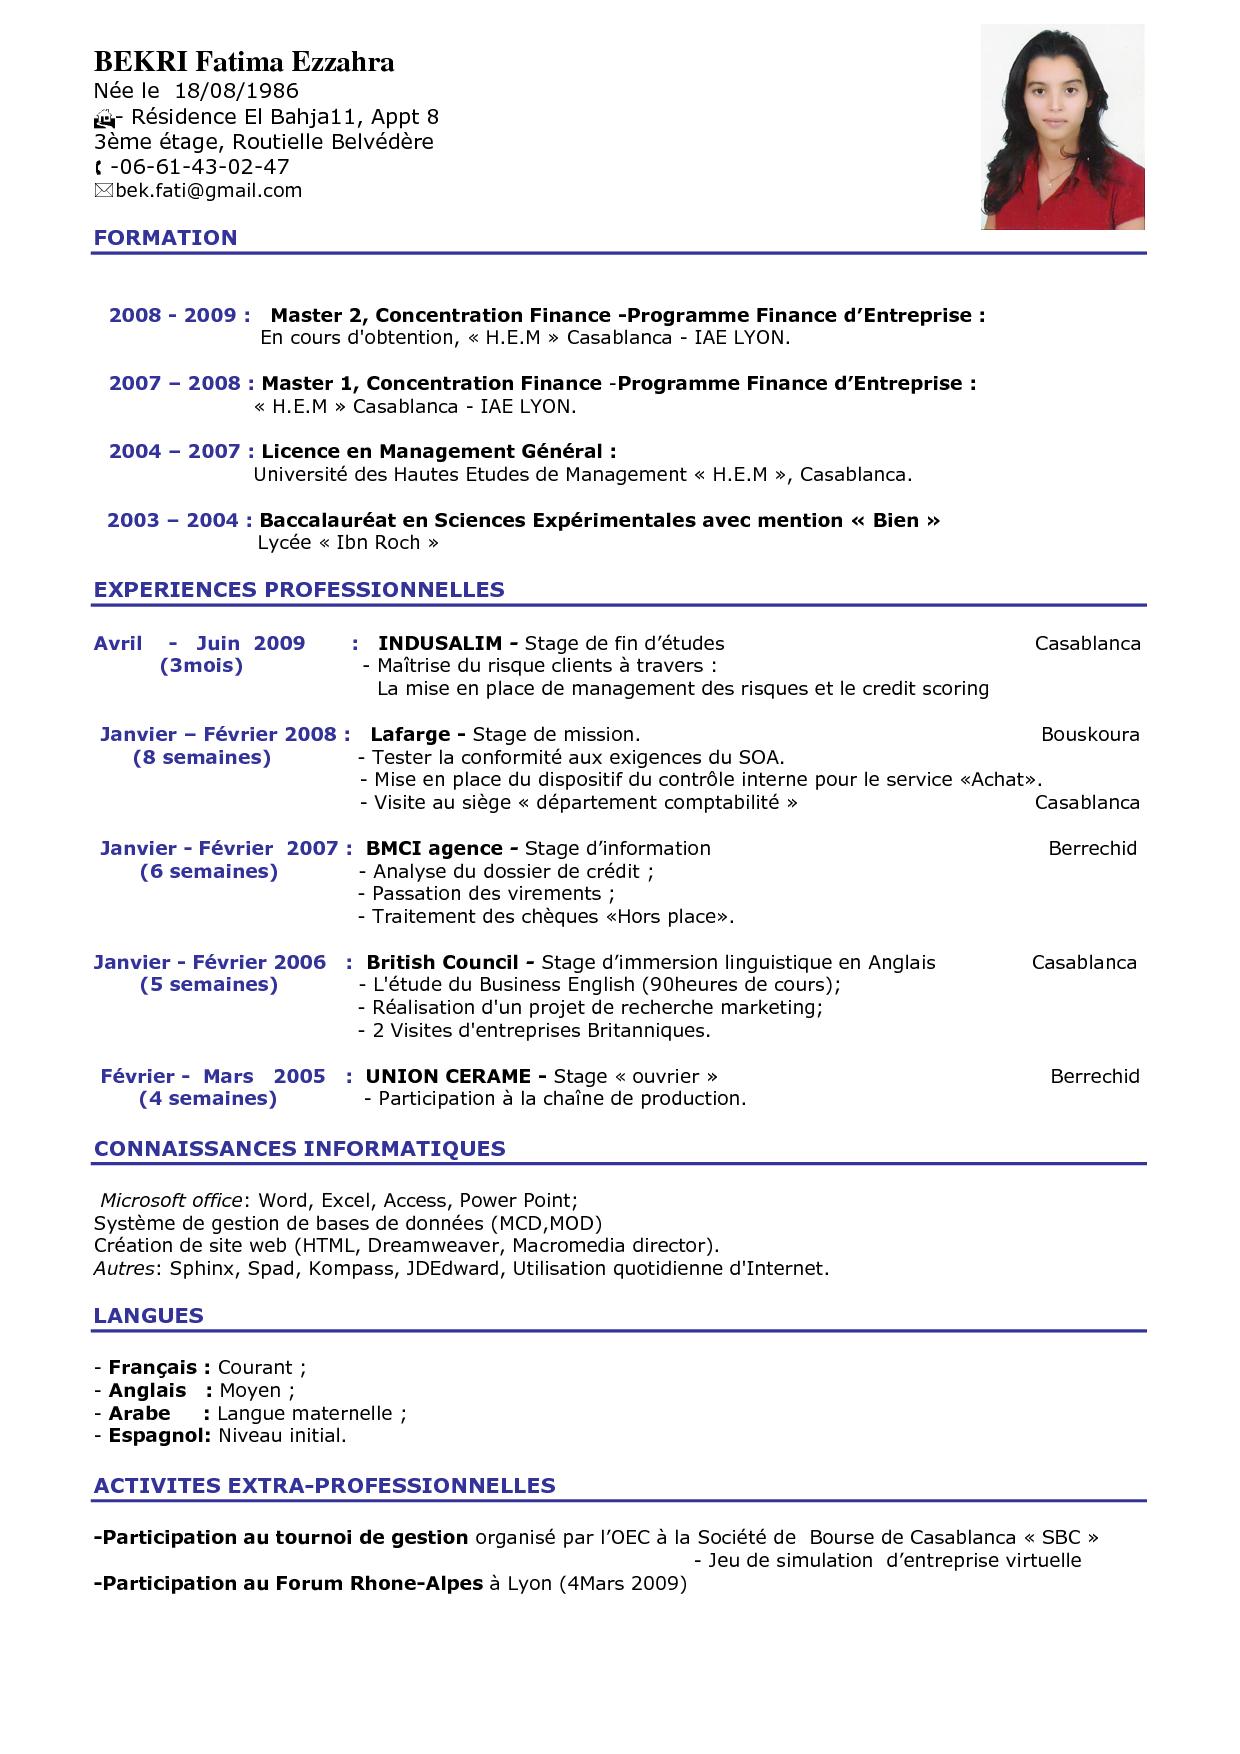 resume format  modele cv shqip